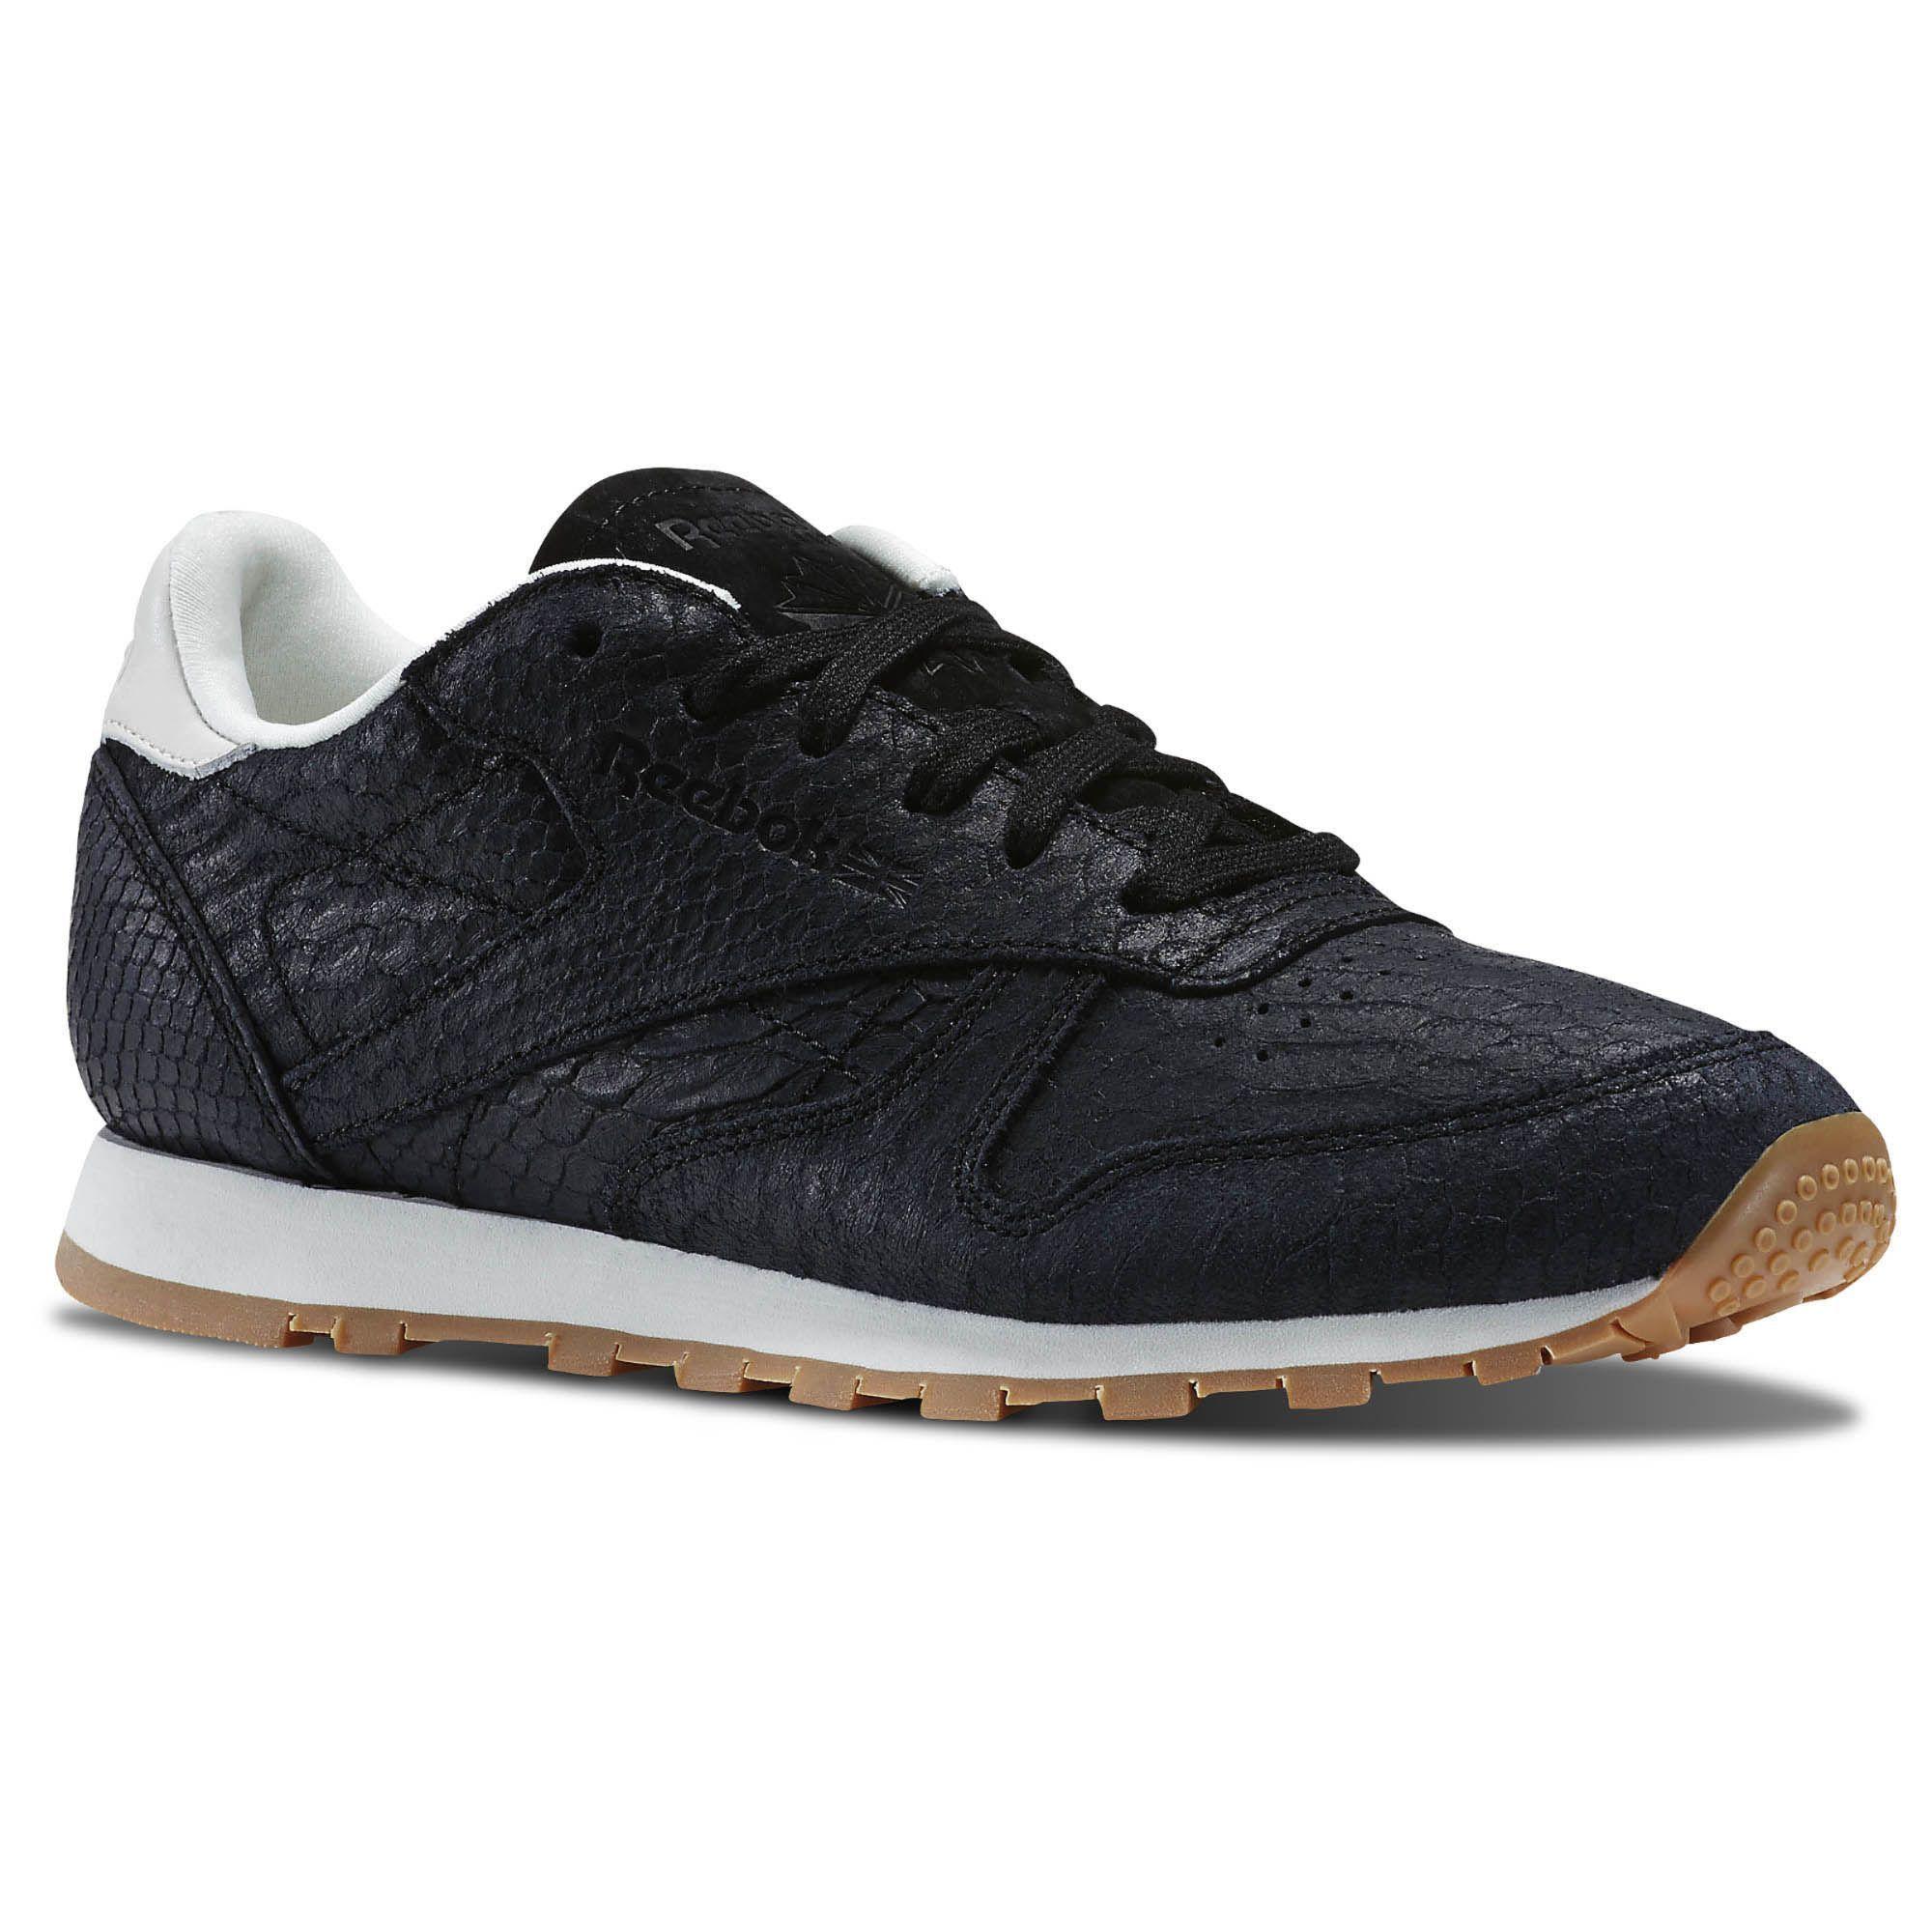 Reebok Cl Leather Clean Exoctics W Schuhe black aQutU0h